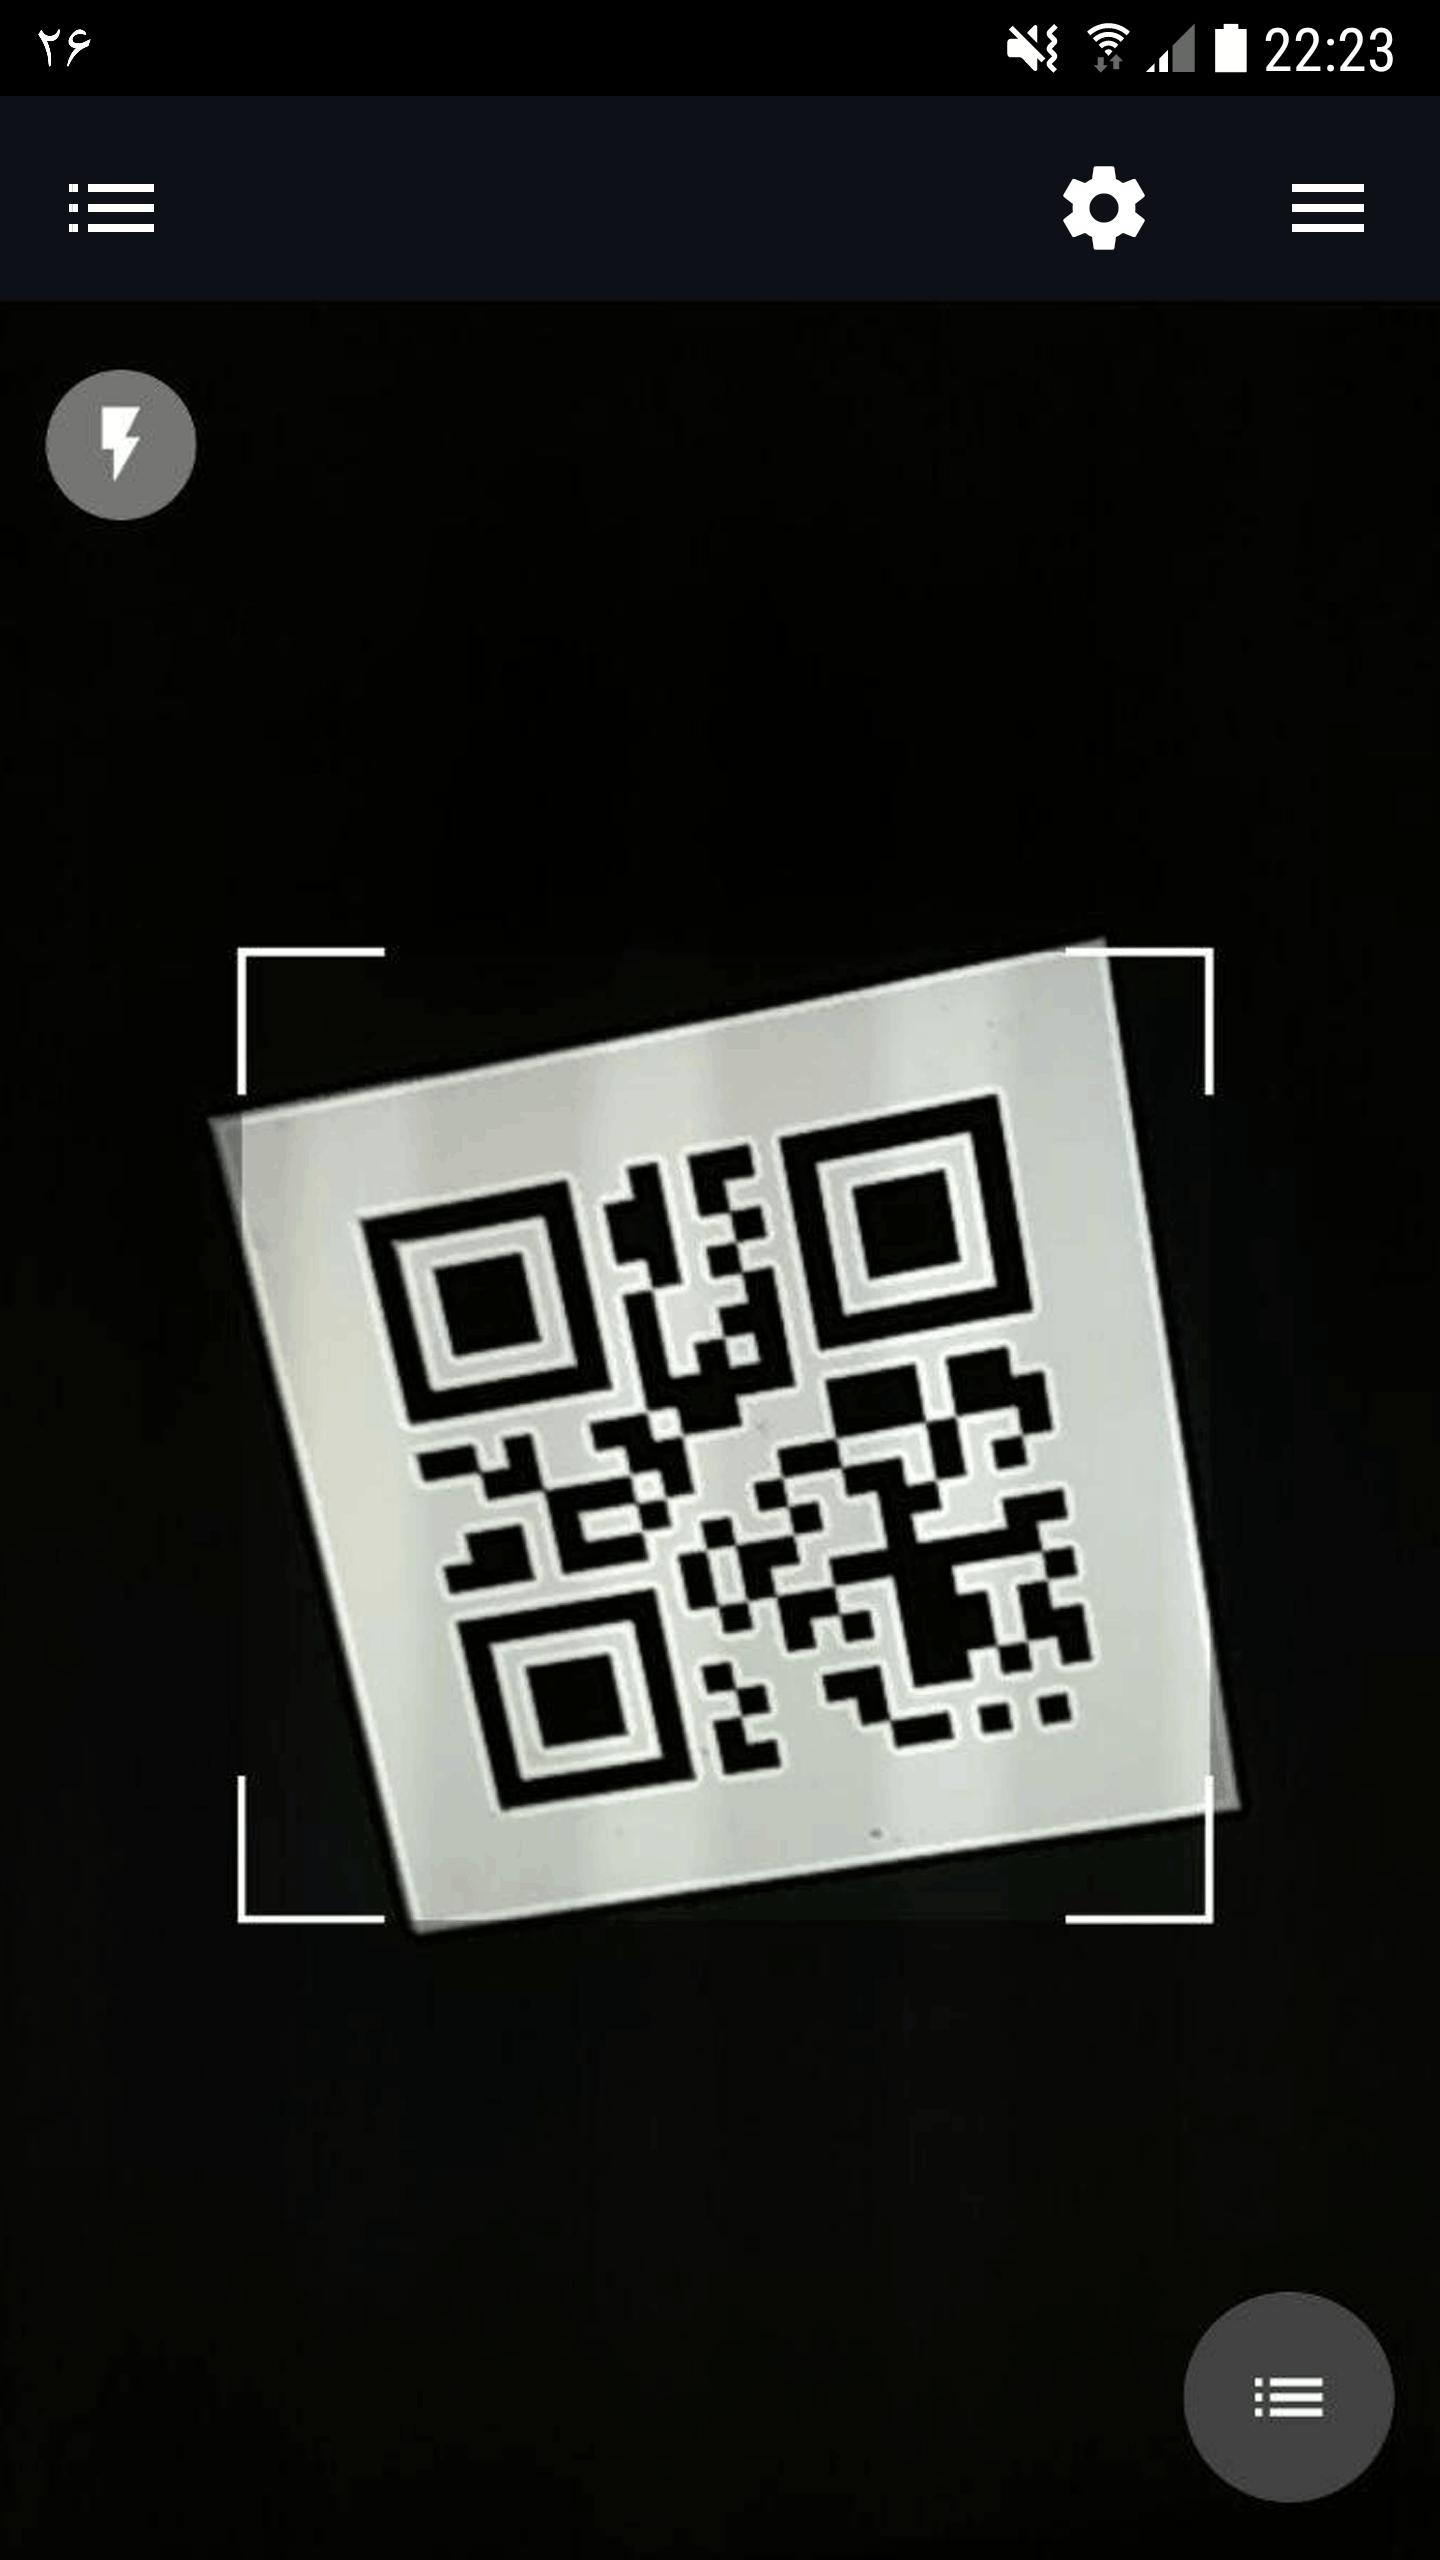 تصویر 2 بارکد خوان و اسکنر QR Code